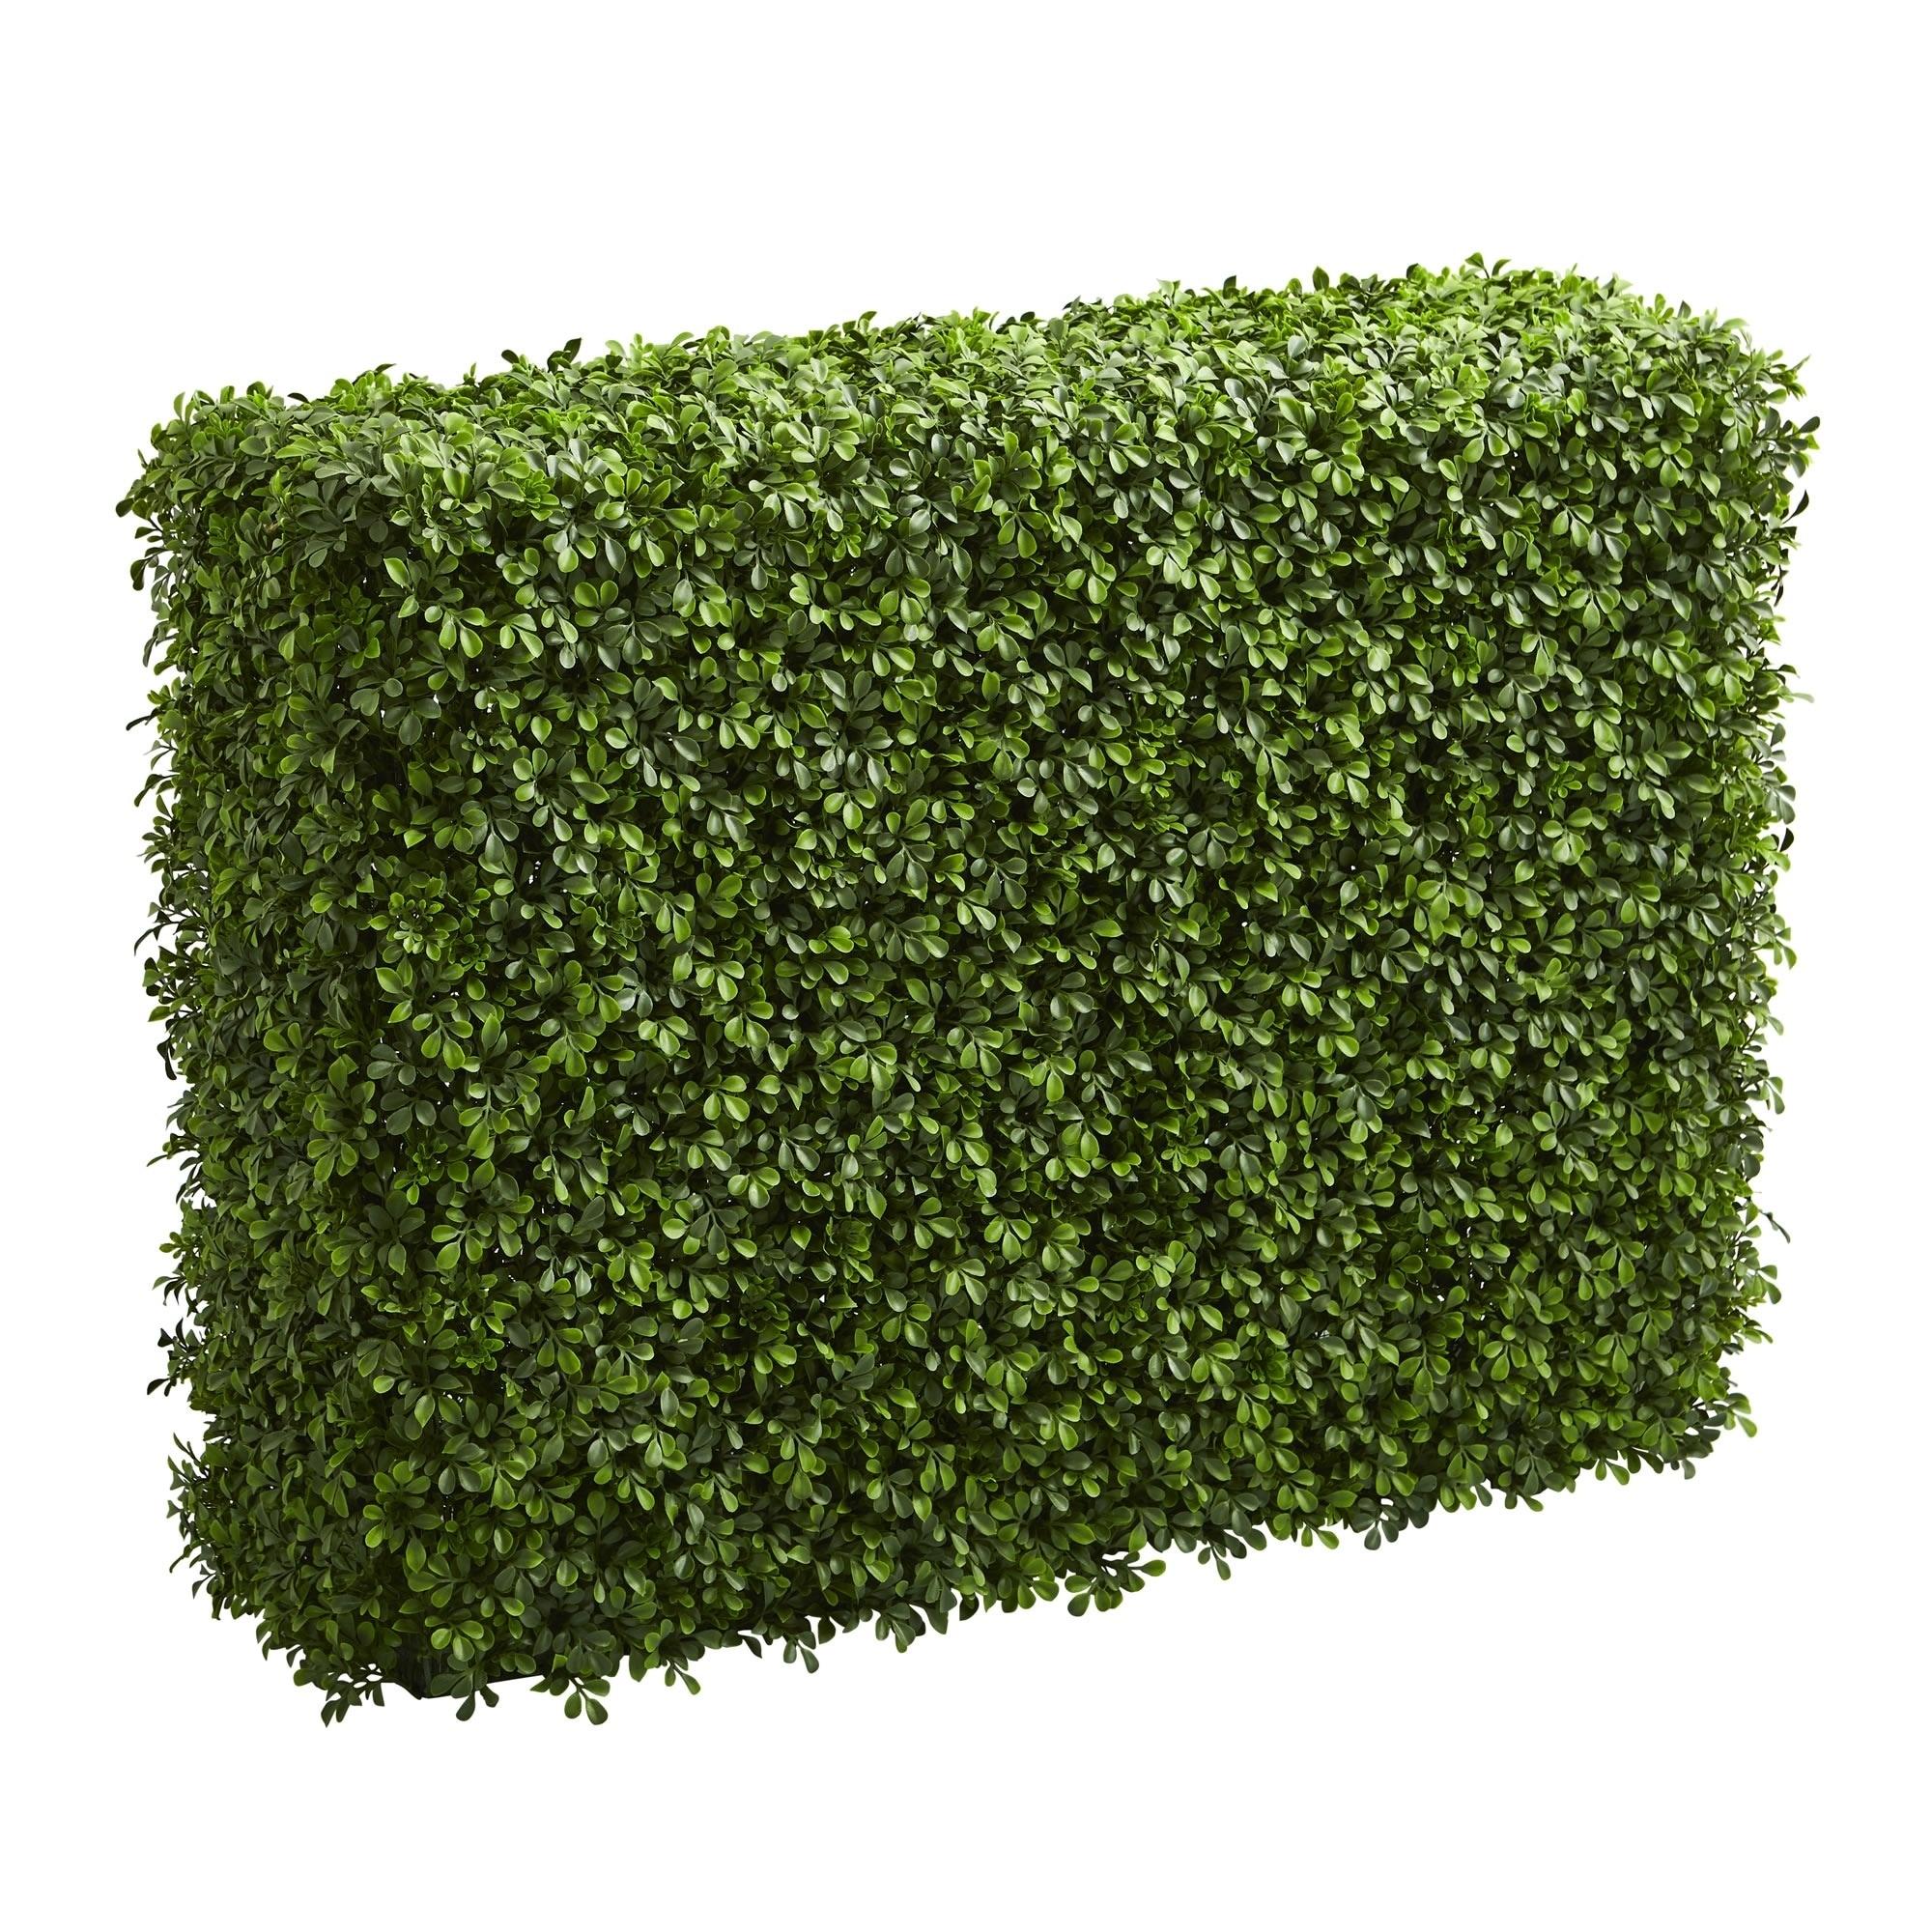 39 Boxwood Artificial Hedge (indoor/Outdoor)